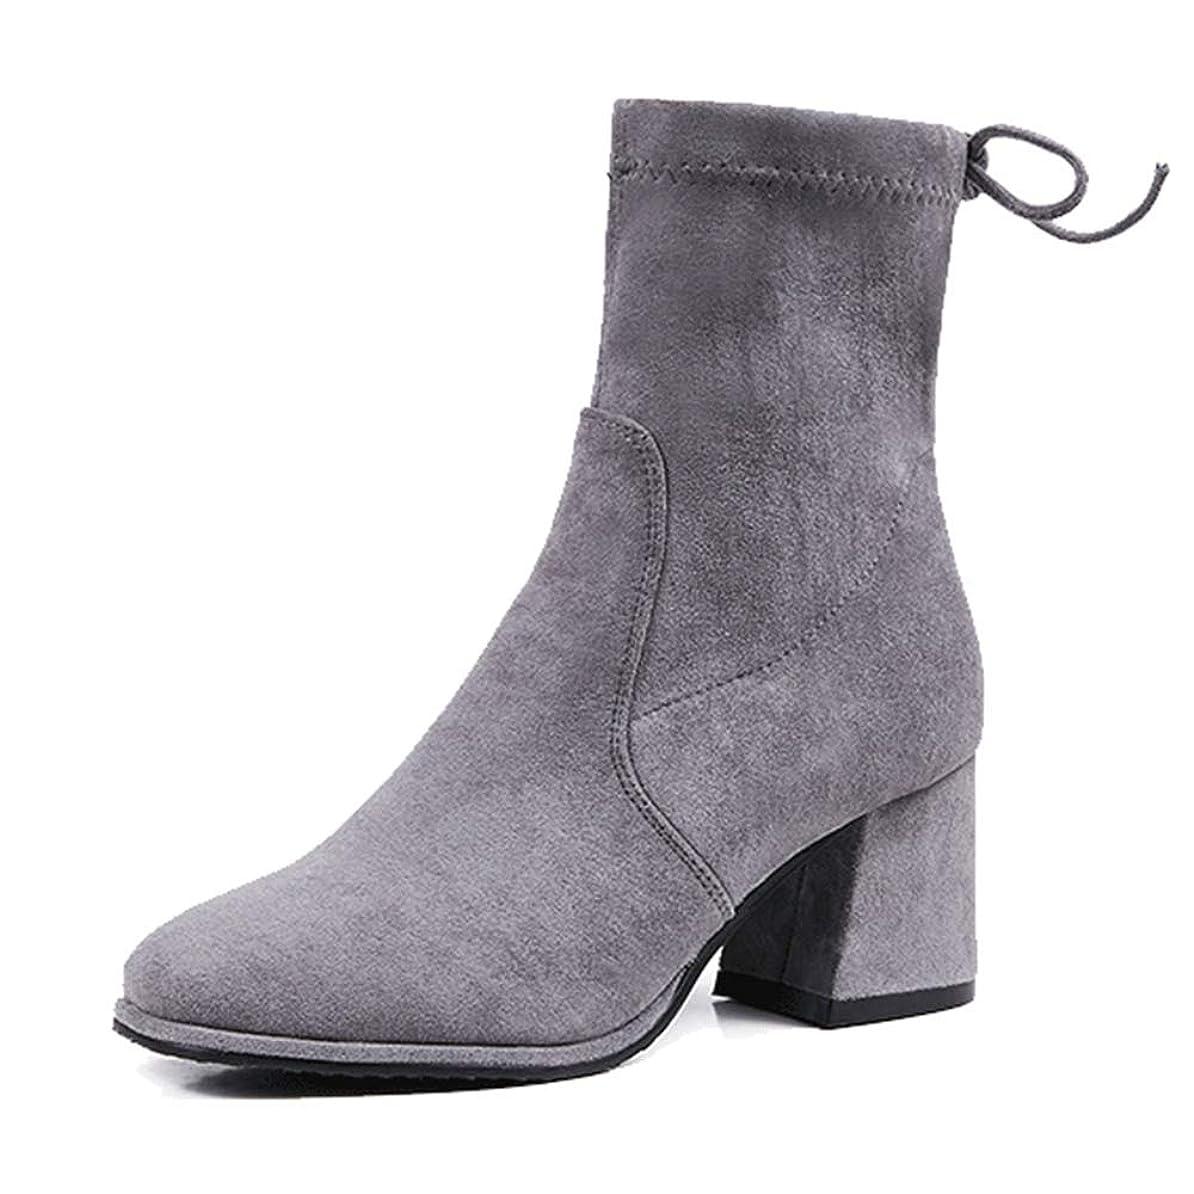 軽減する質量ペンスソックスブーツ レディースブーツ ショートブーツ 太めヒール ハイヒール バックリボン ブーツ ショートブーツ メッシュ スエード 柔らかい 調節可能 秋 冬 蒸れにくい 軽量 歩きやすい